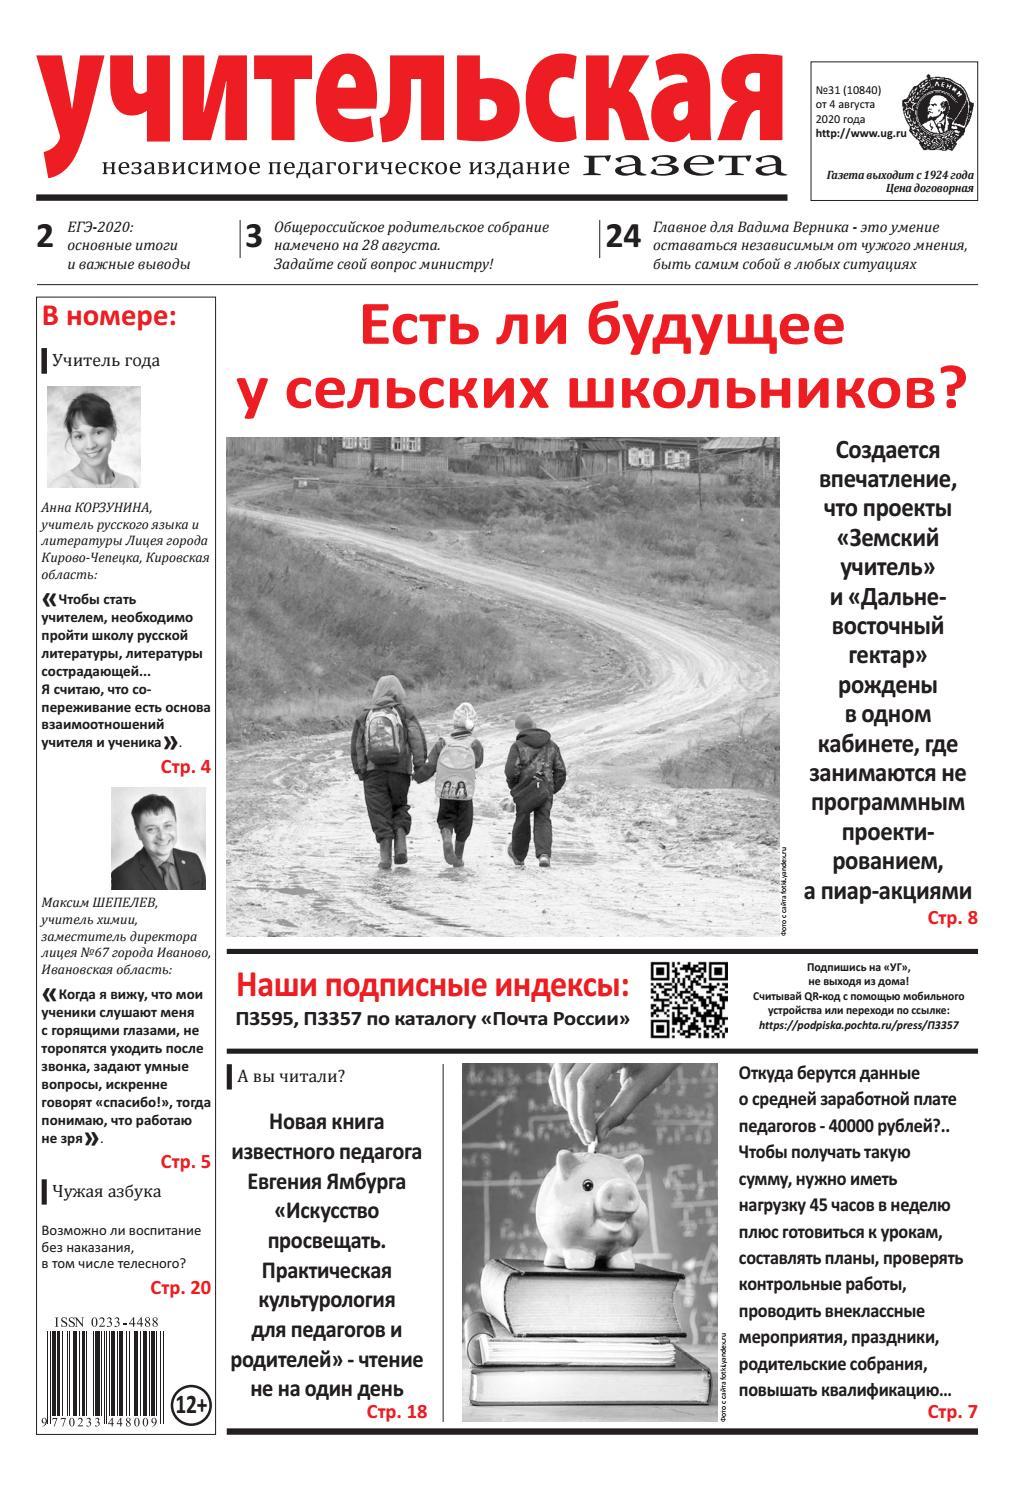 какие секты запрещены в россии